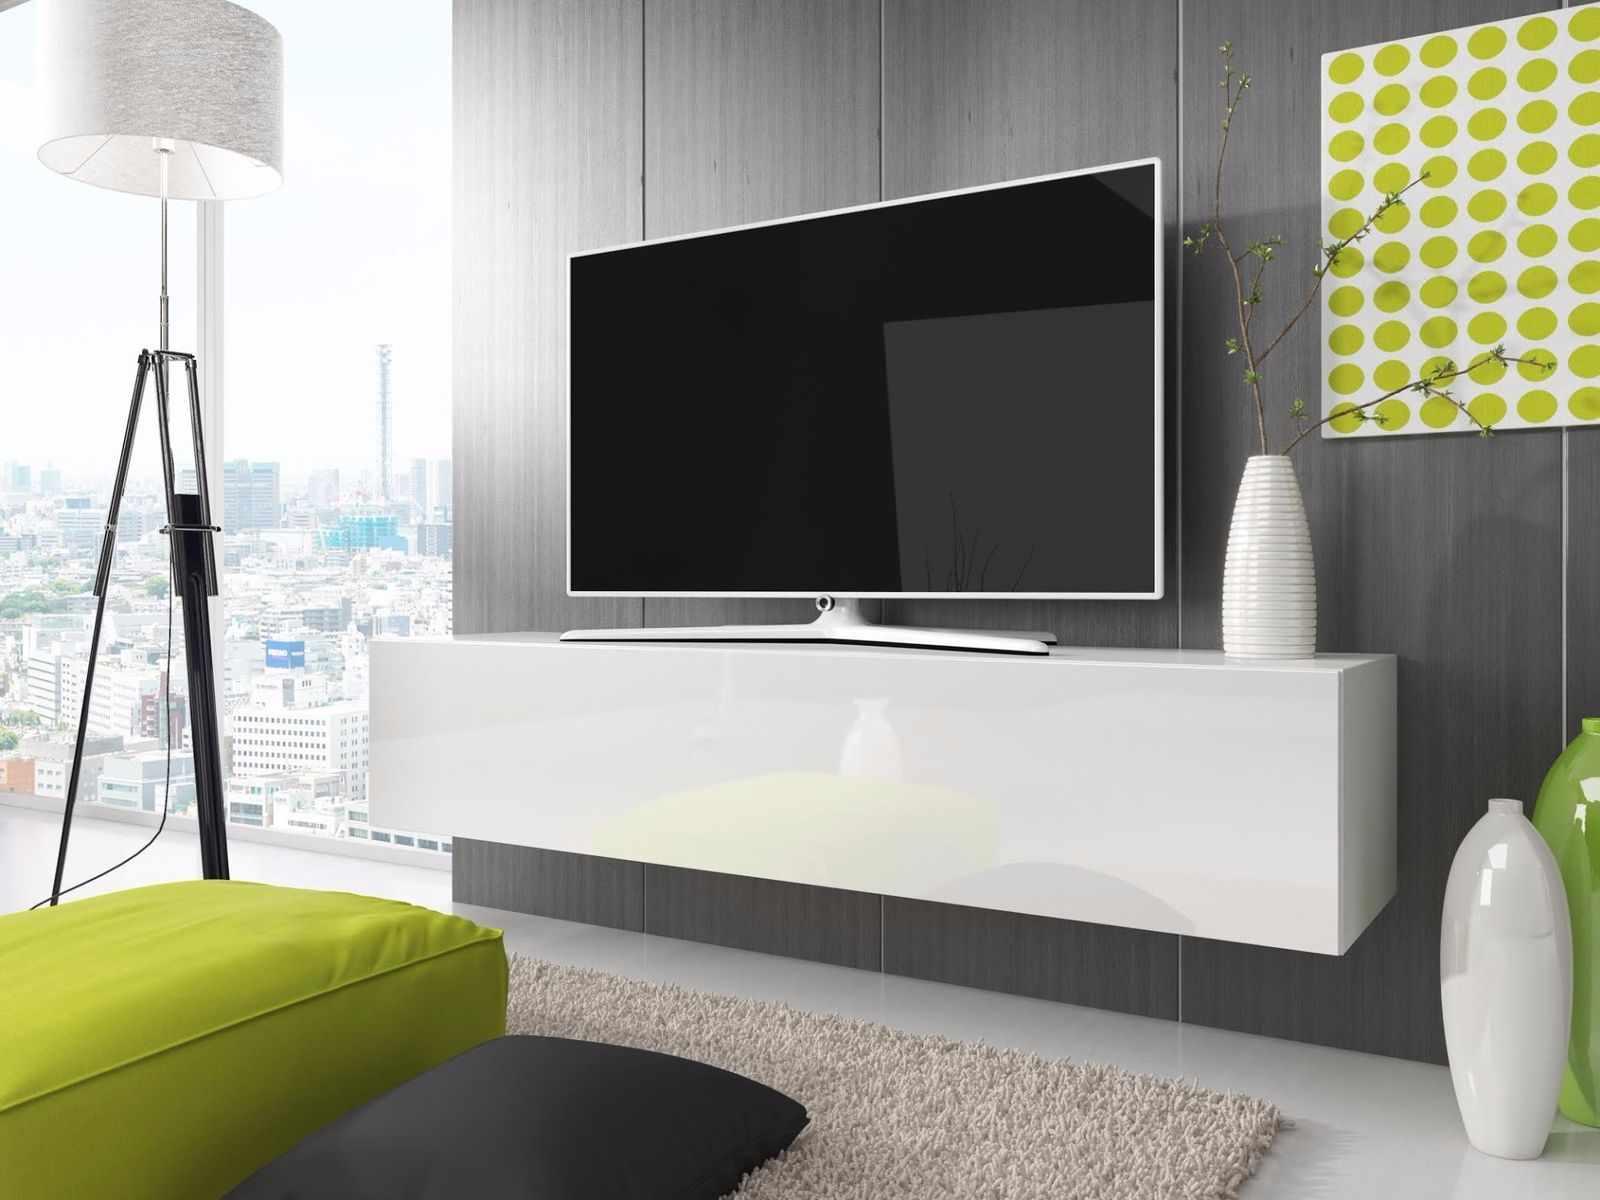 Подвесная тумба под телевизор в интерьере